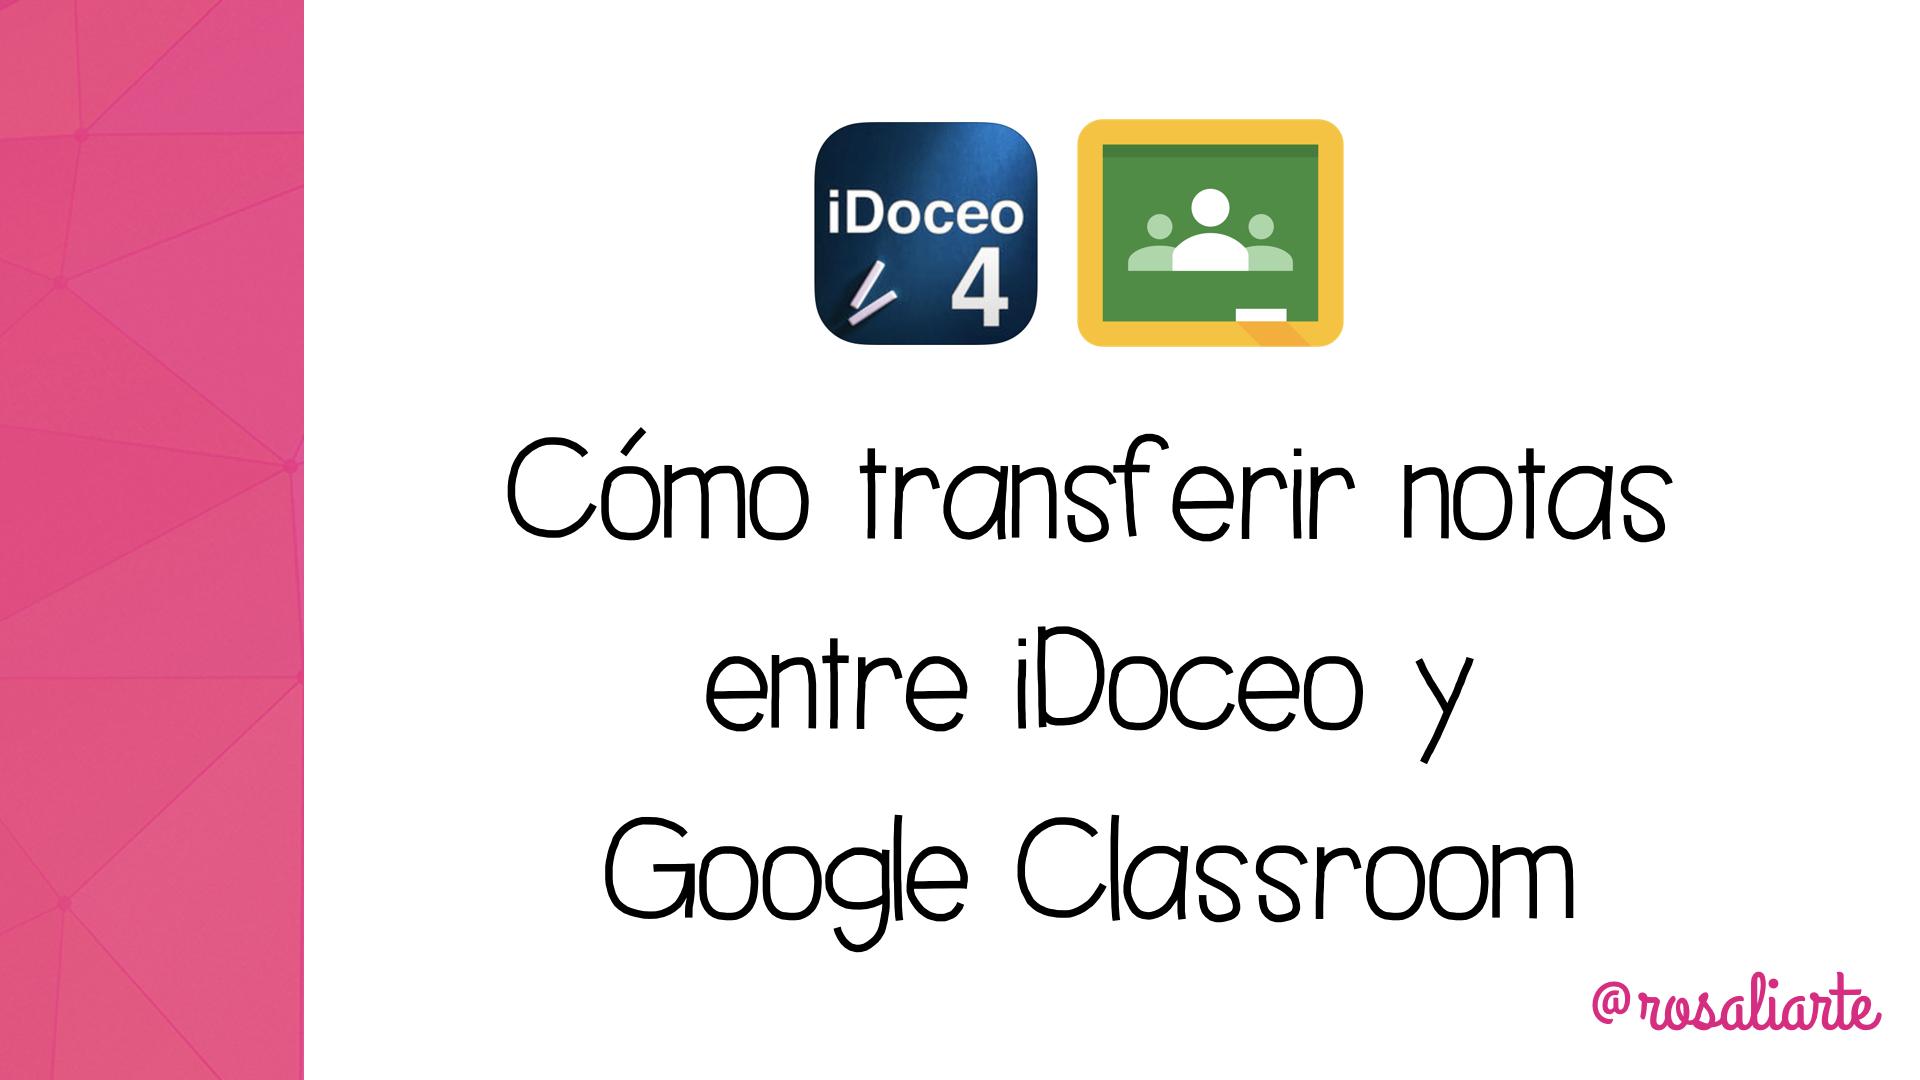 Cómo transferir notas entre iDoceo y Google Classroom